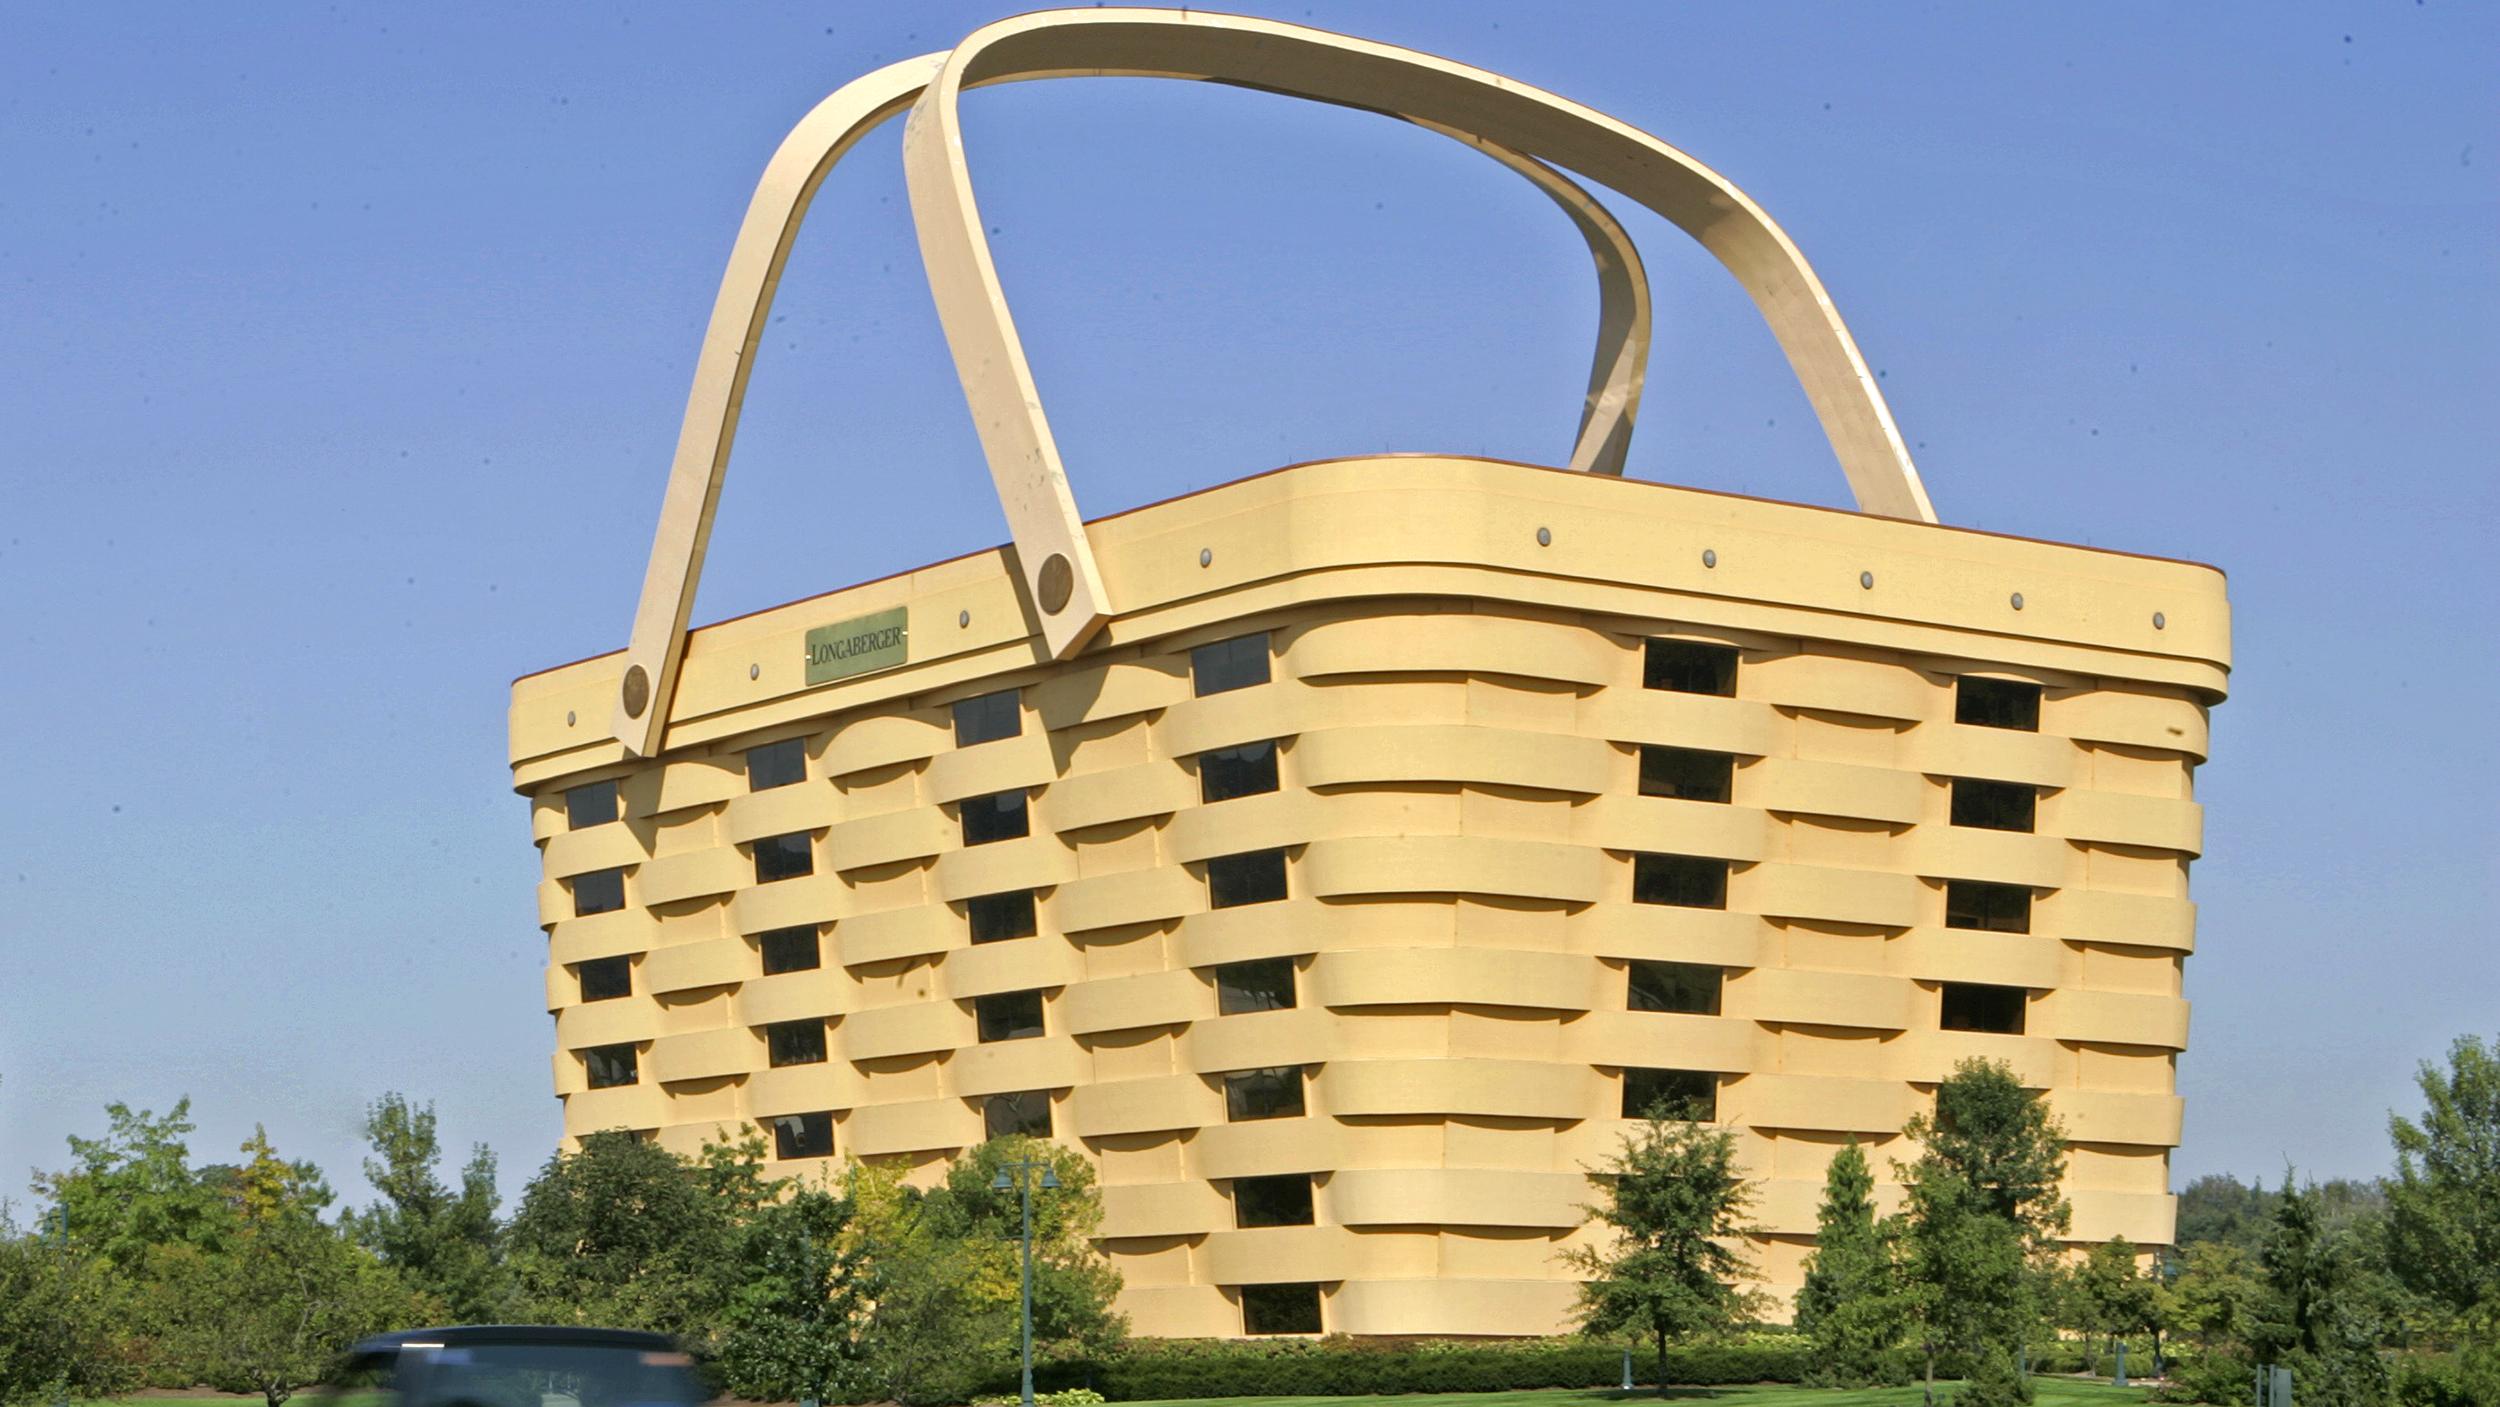 Fullsize Of Longaberger Baskets For Sale